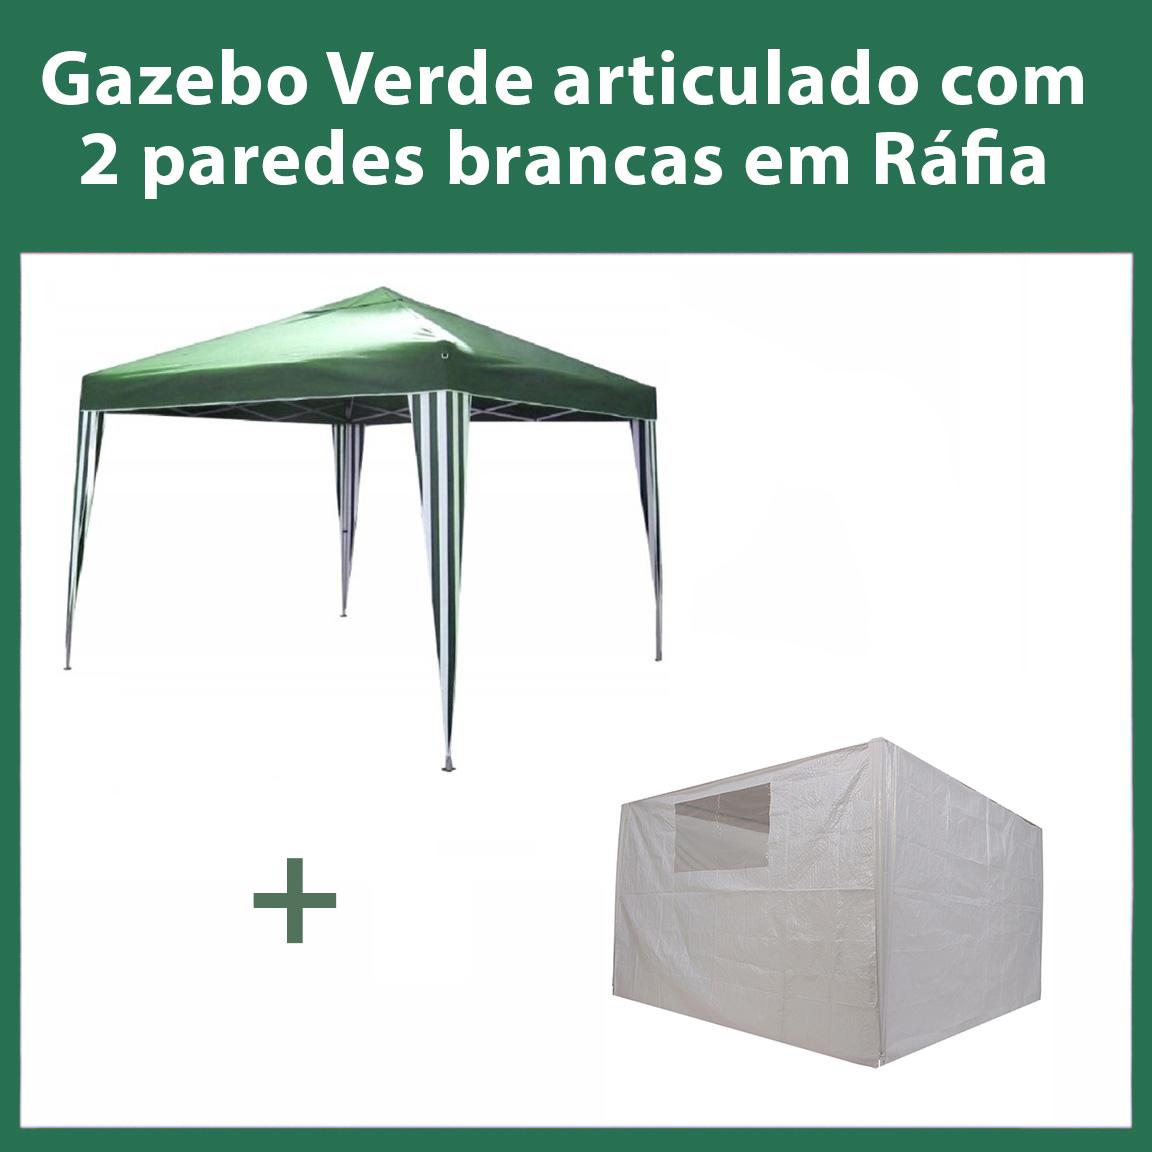 Gazebo 3x3 Articulado Verde em Aço + 2 Paredes Brancas de Ráfia Eleva Mundi